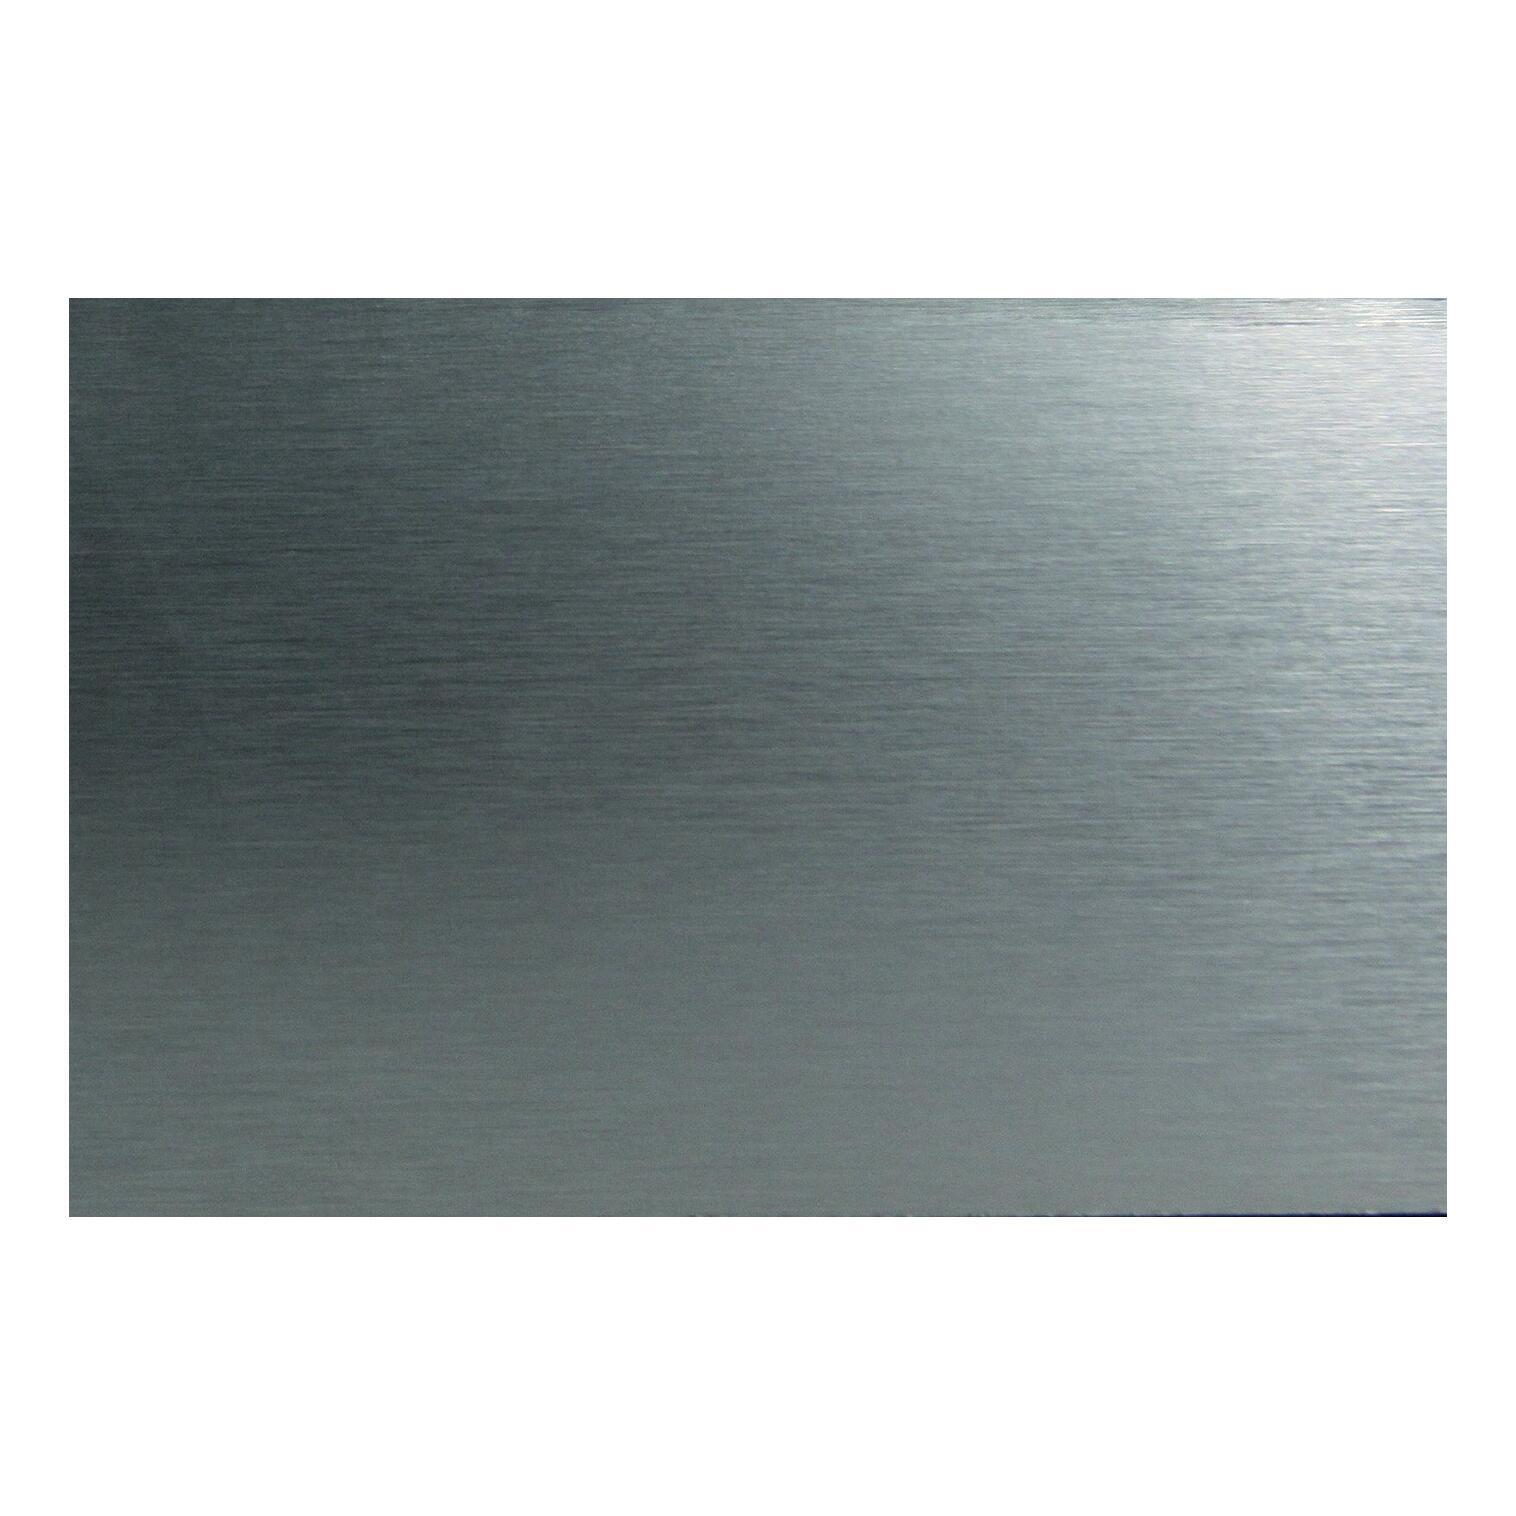 Pannello decorativo della cucina in alluminio L 300 x H 64 cm